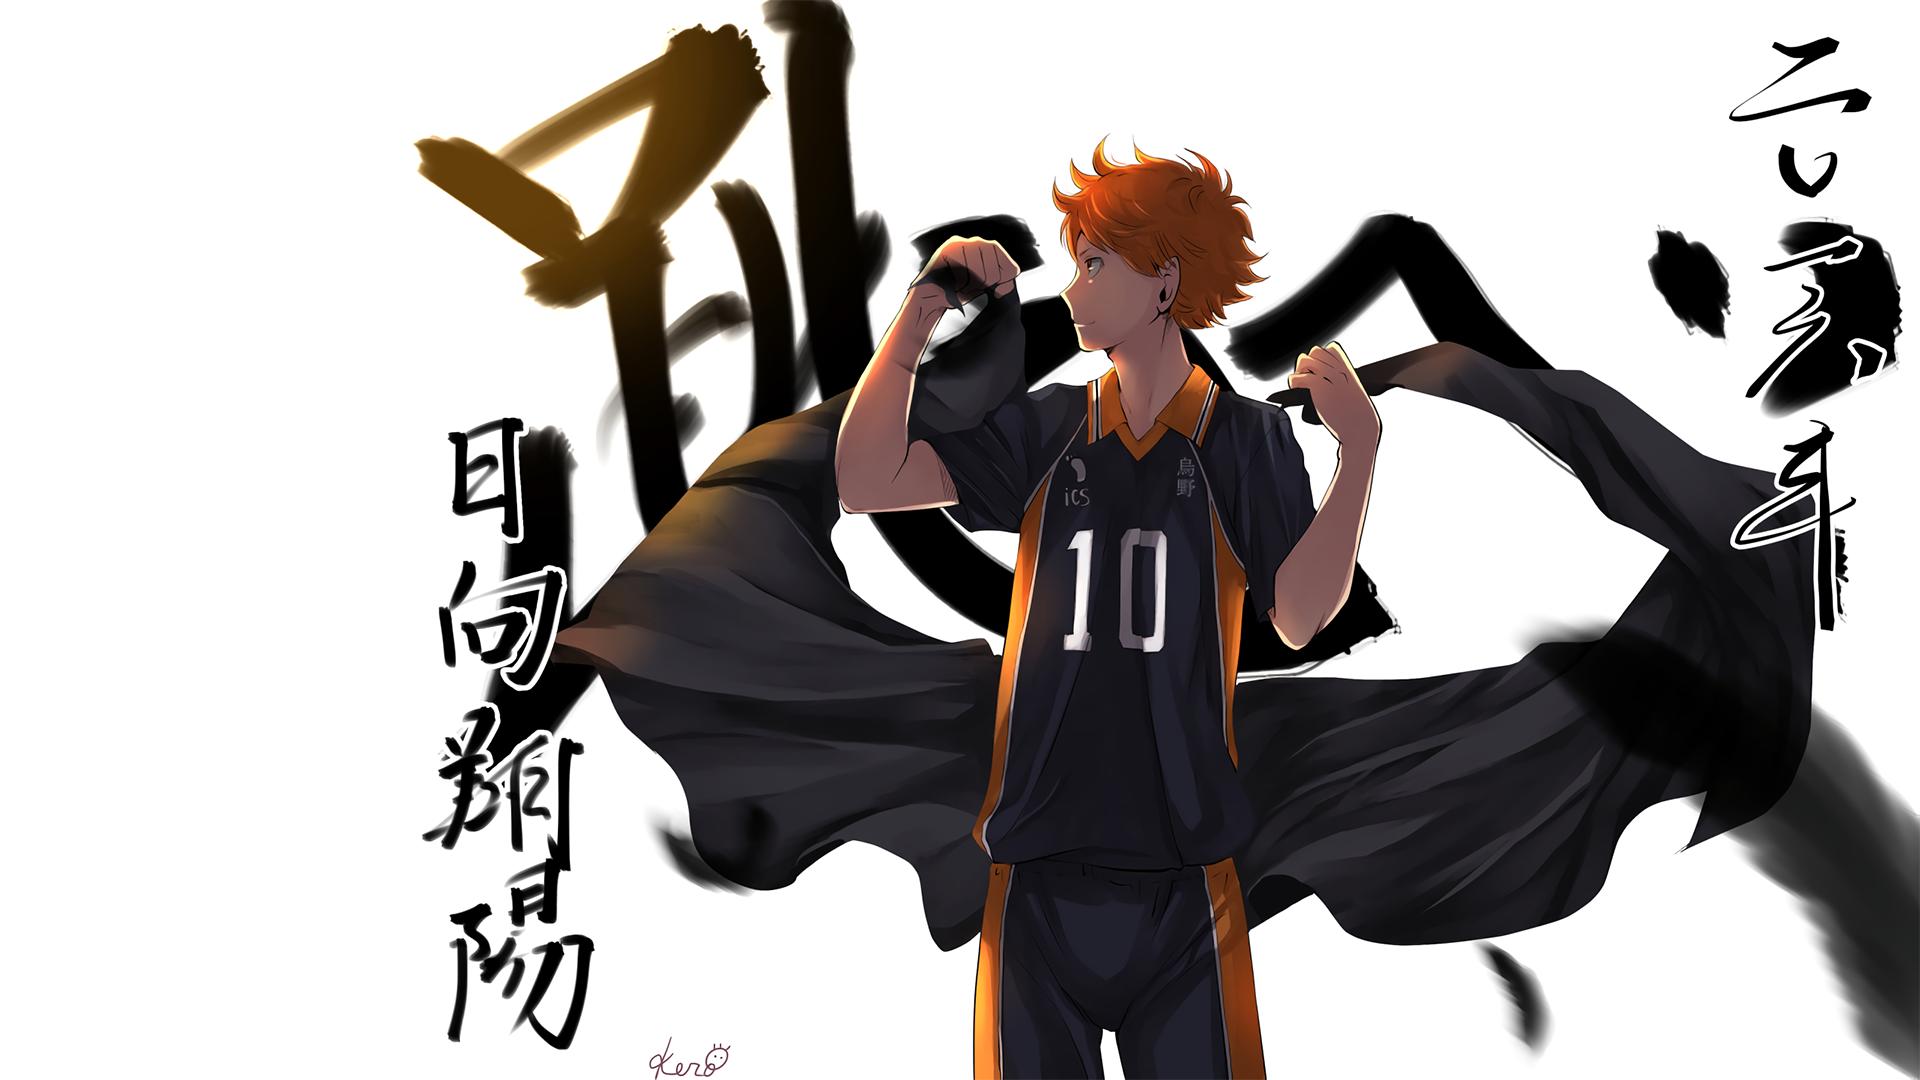 Haikyuu Anime Wallpapers   Top Haikyuu Anime Backgrounds 1920x1080